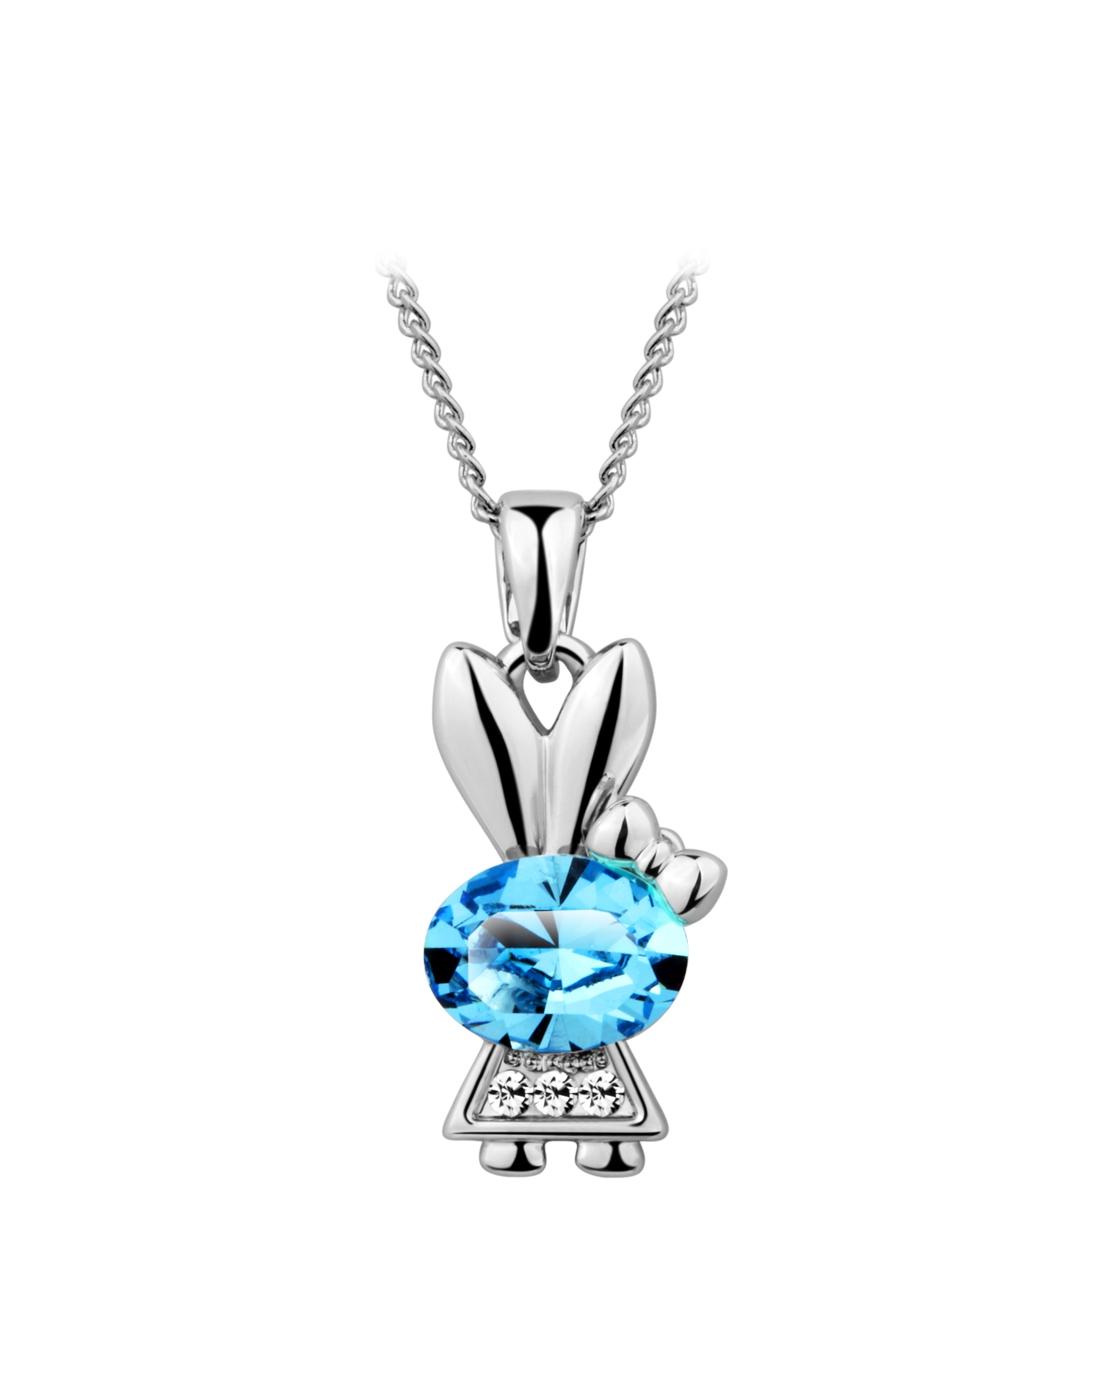 采用施华洛斯奇水晶可爱公主兔儿项链